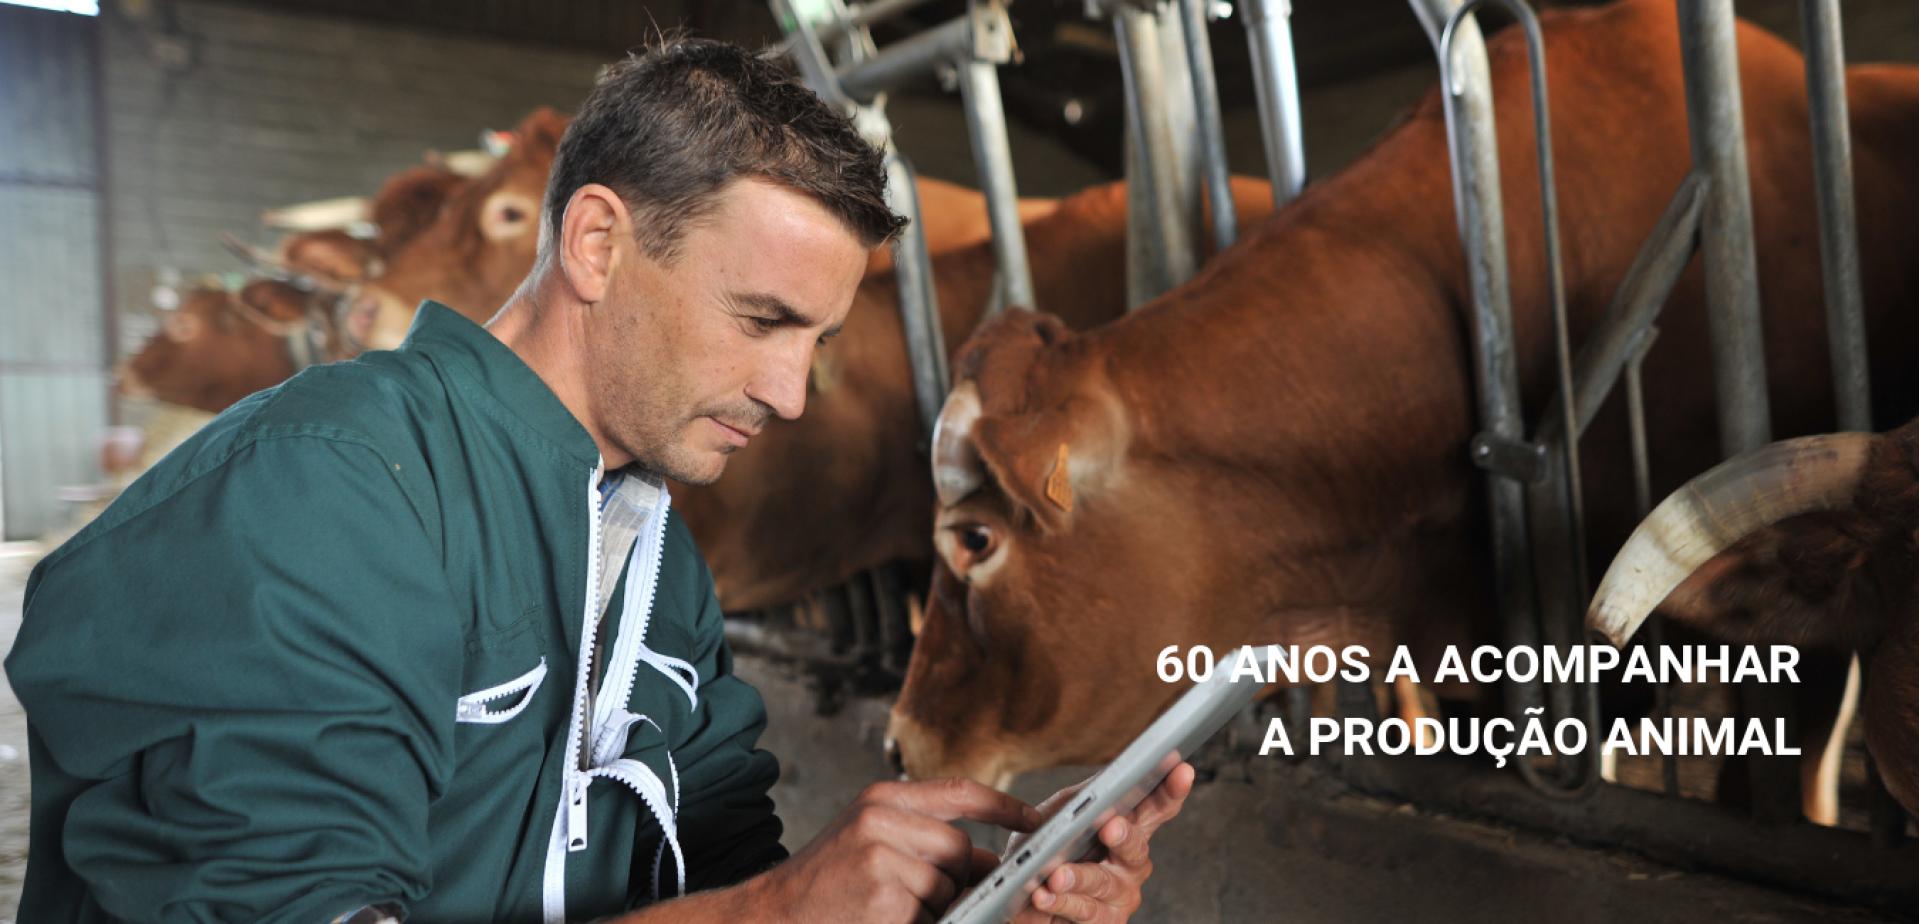 60 anos a acompanhar a produção animal